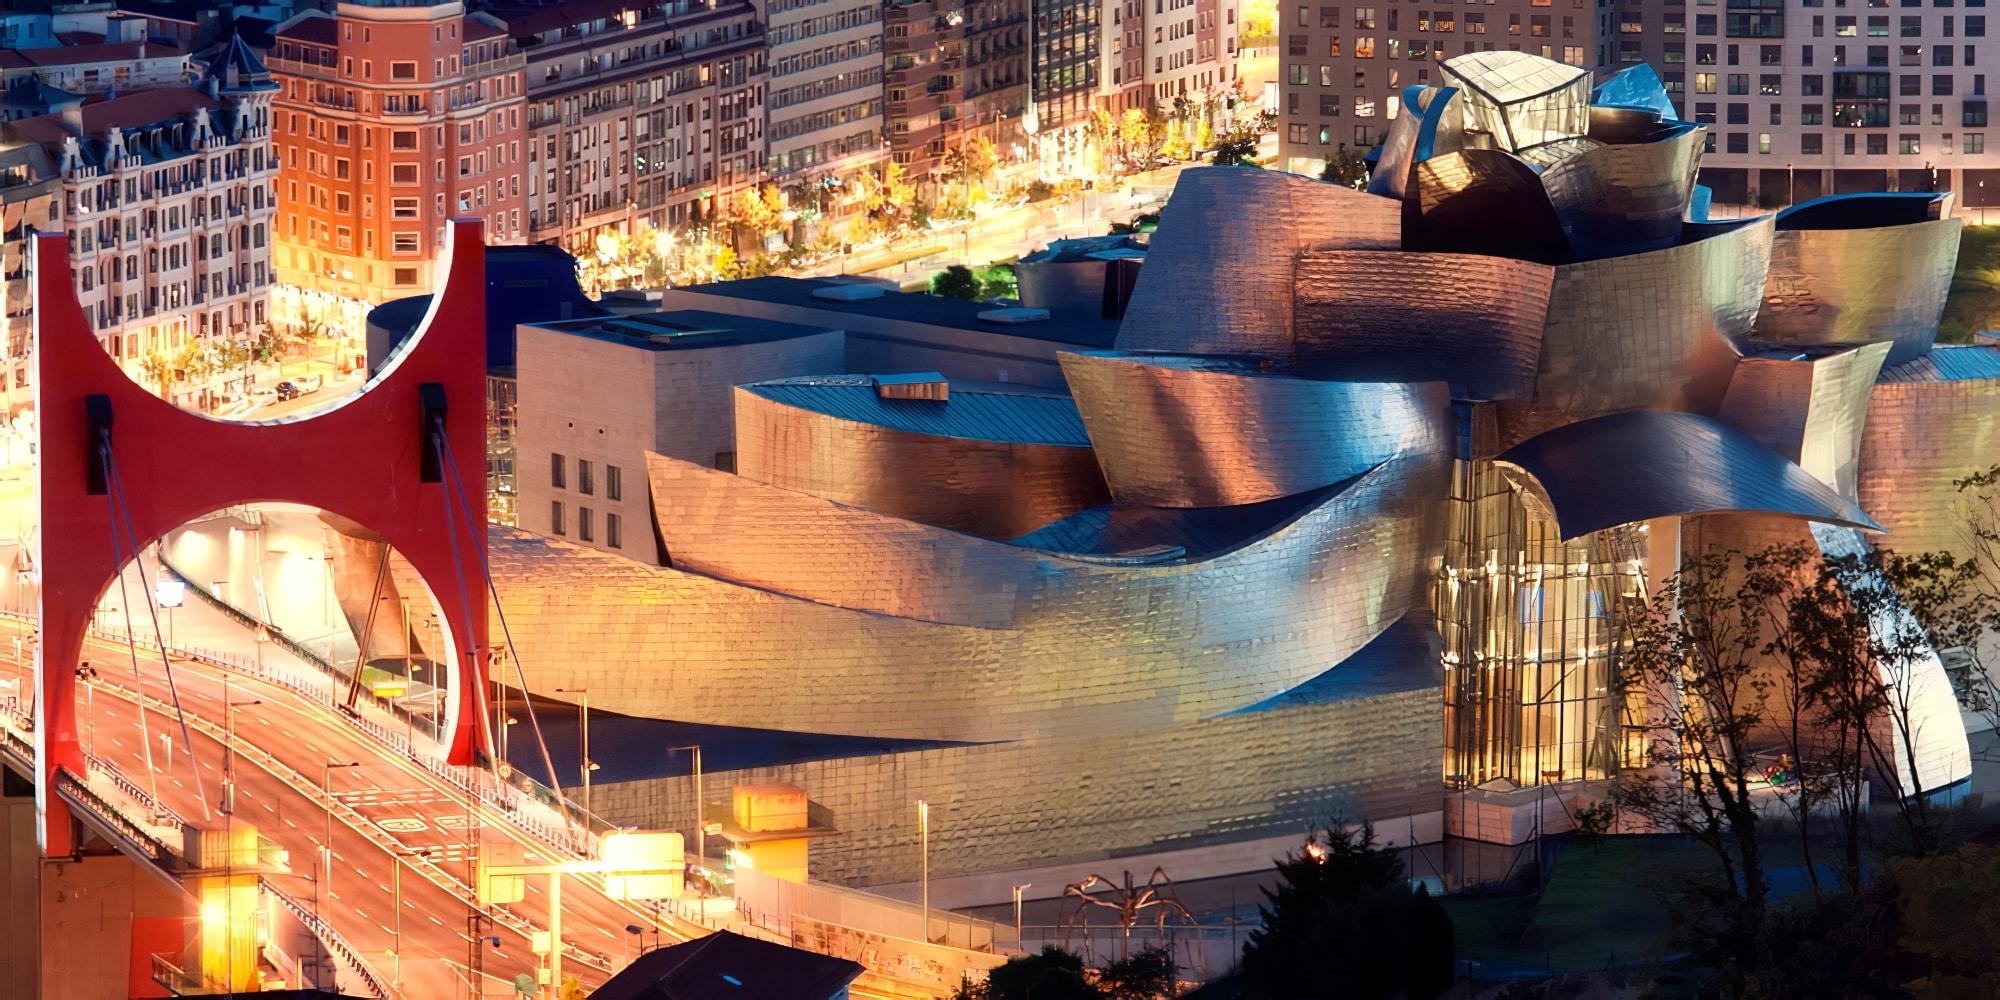 Le Guggenheim à Bilbao